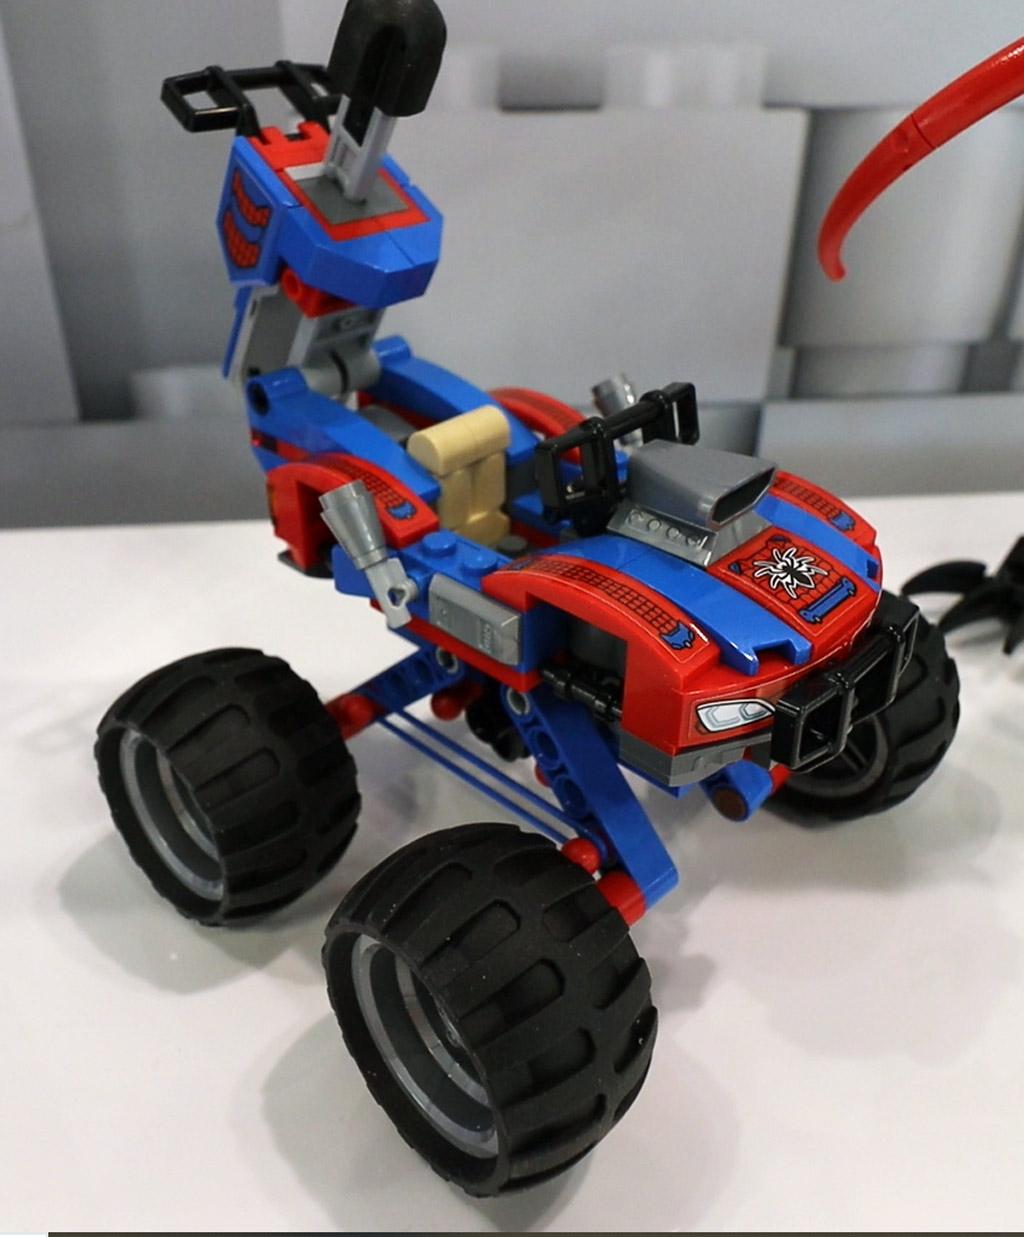 lego-marvel-super-heroes-76151-spider-man-vs-venom-vehikel-new-york-toy-fair-2020-zusammengebaut-andres-lehmann zusammengebaut.com